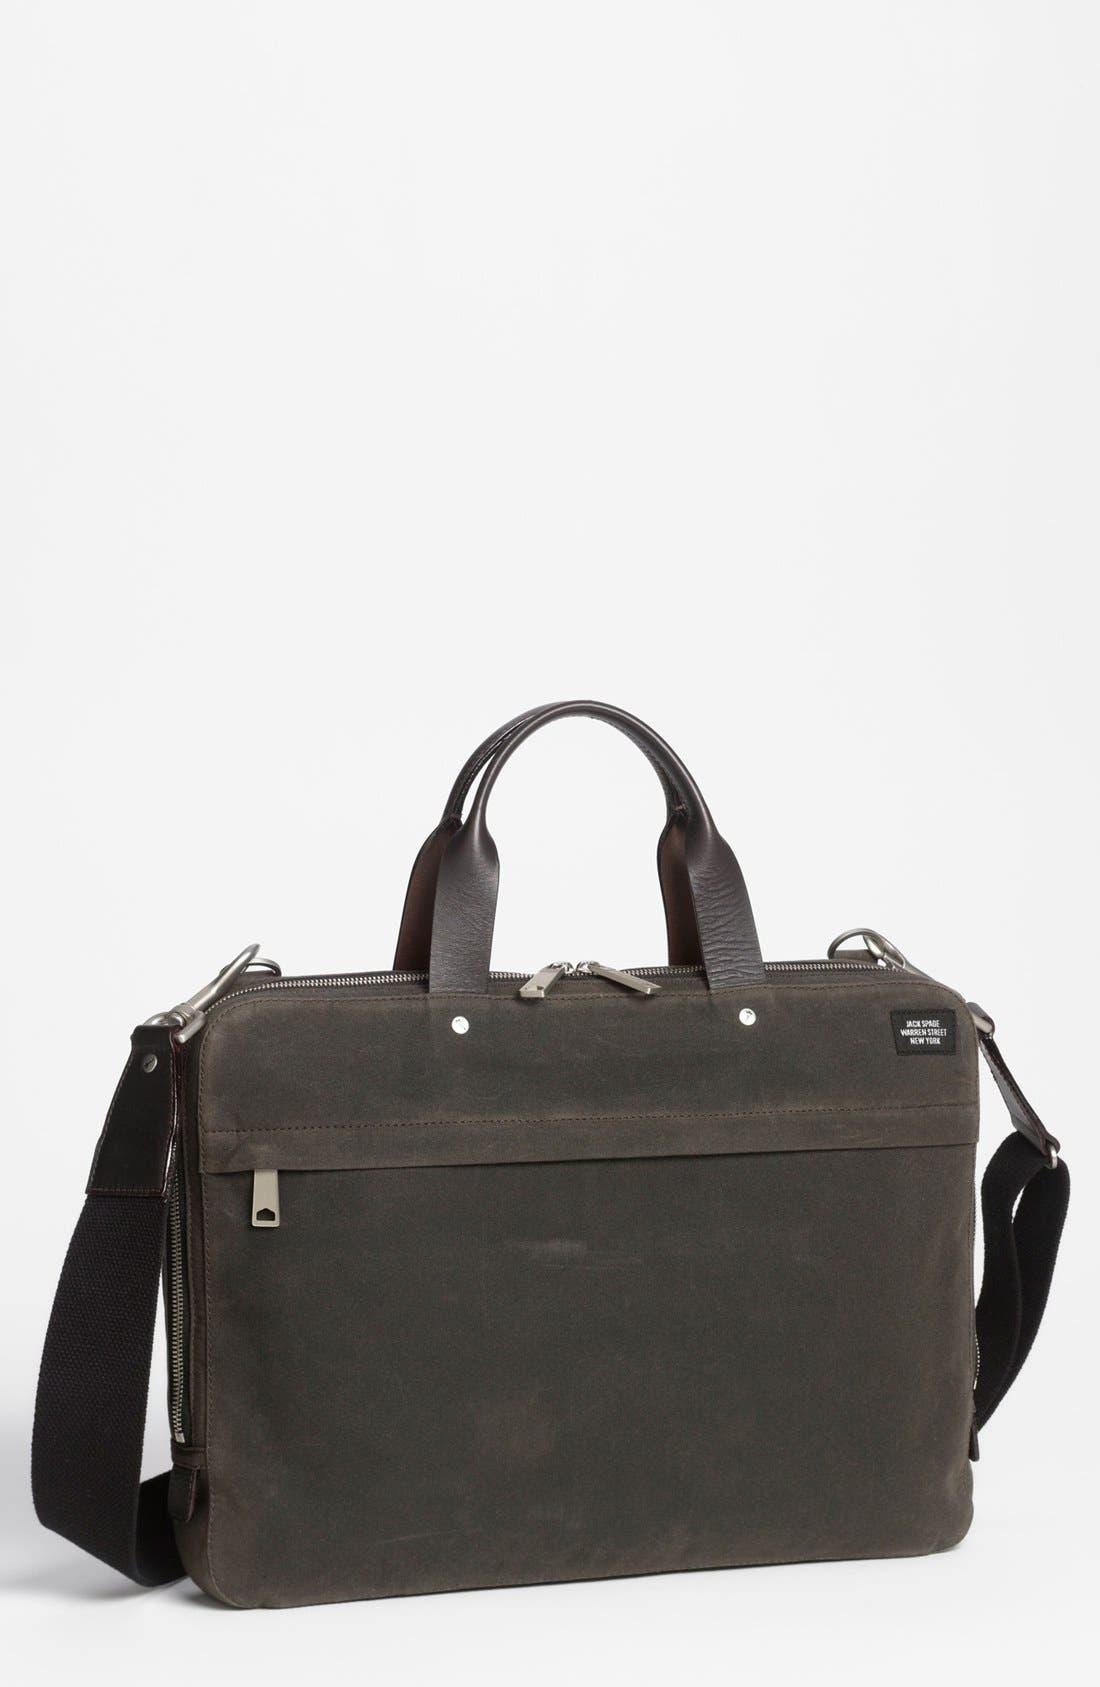 Alternate Image 1 Selected - Jack Spade 'Waxwear' Briefcase